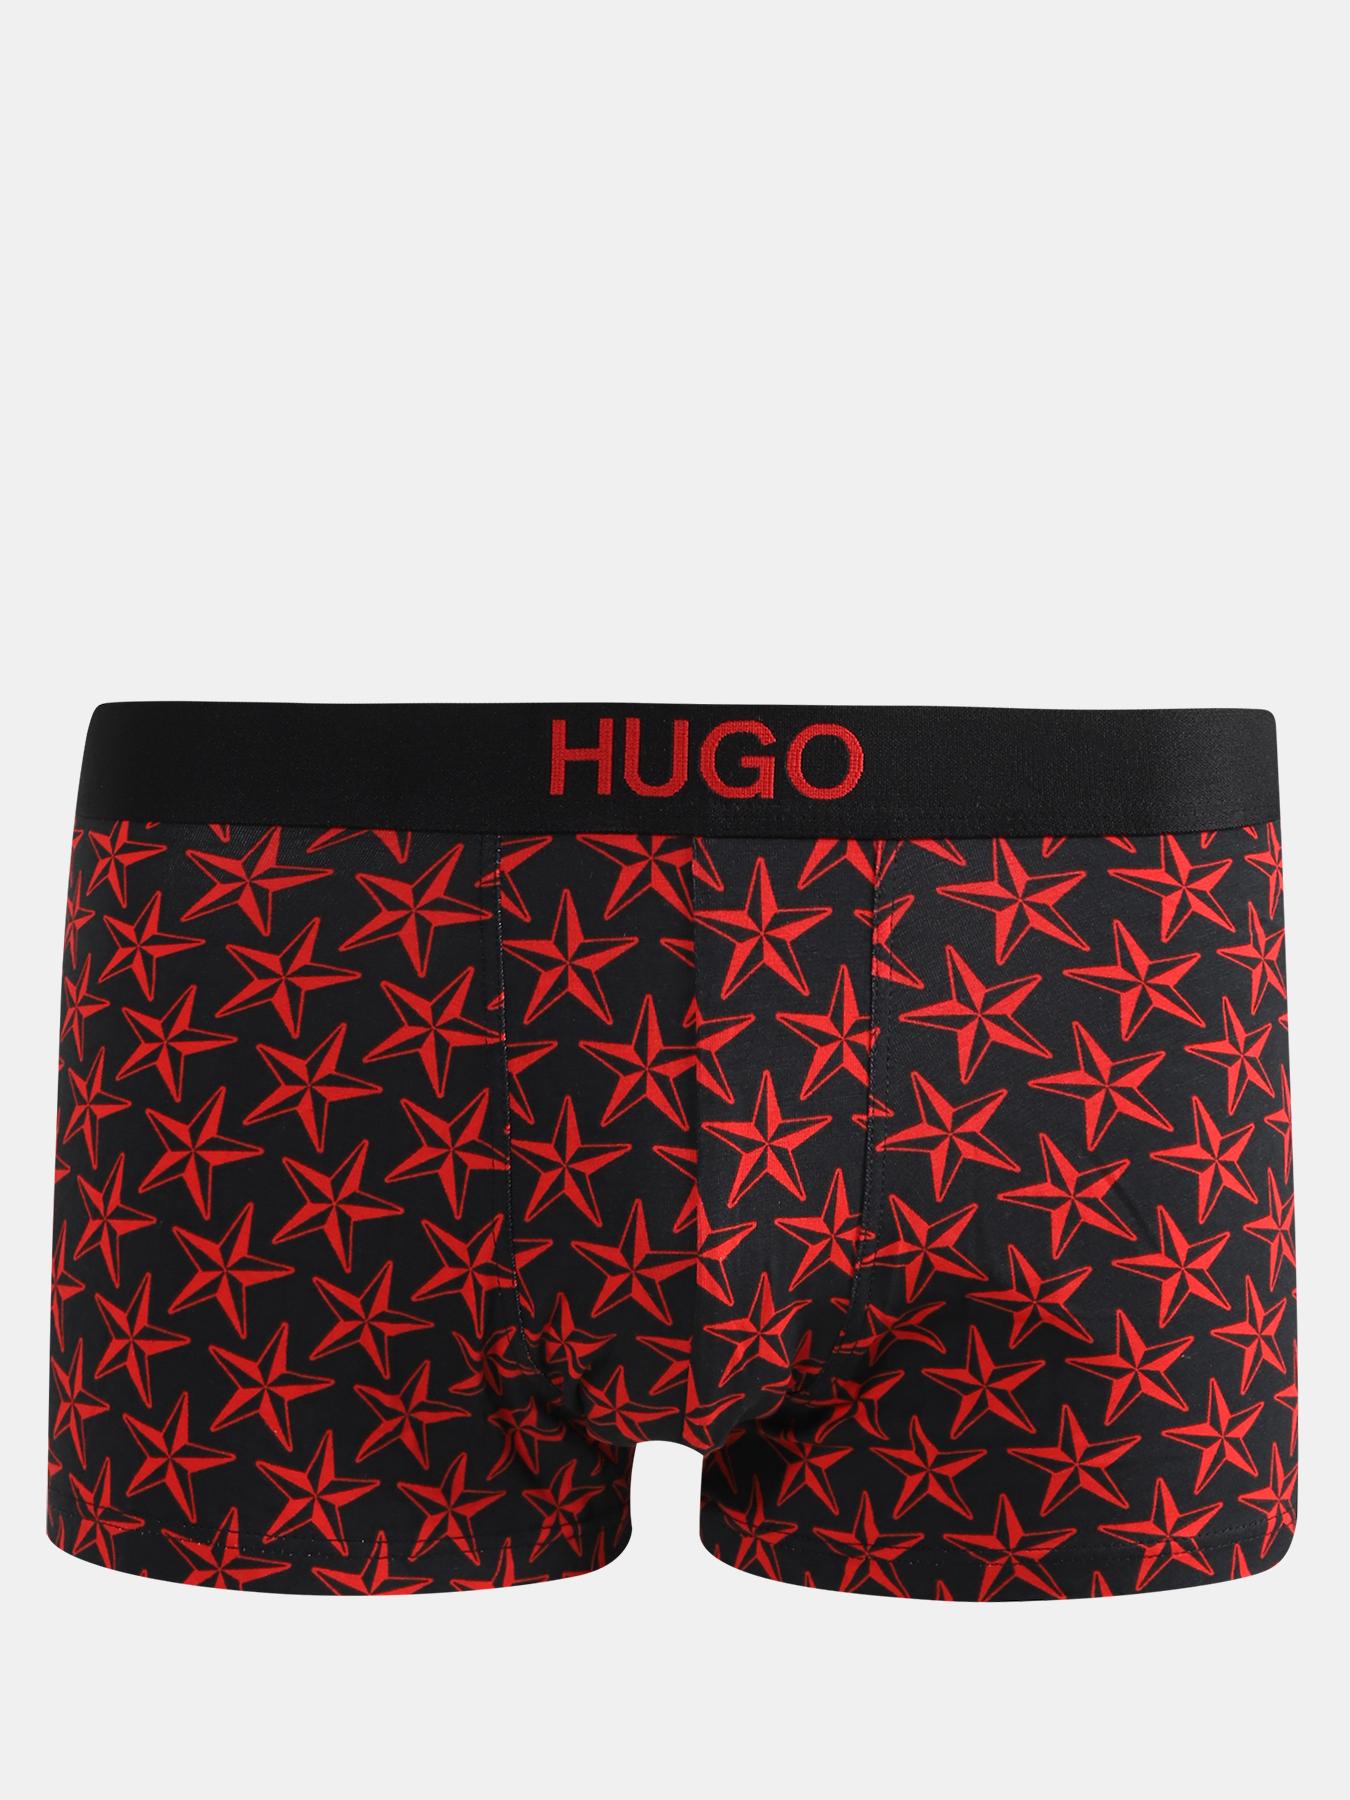 Трусы HUGO Мужские боксеры Trunk Brother (2 шт) купальник nabaiji плавки–боксеры мужские 500 stab allstel синие